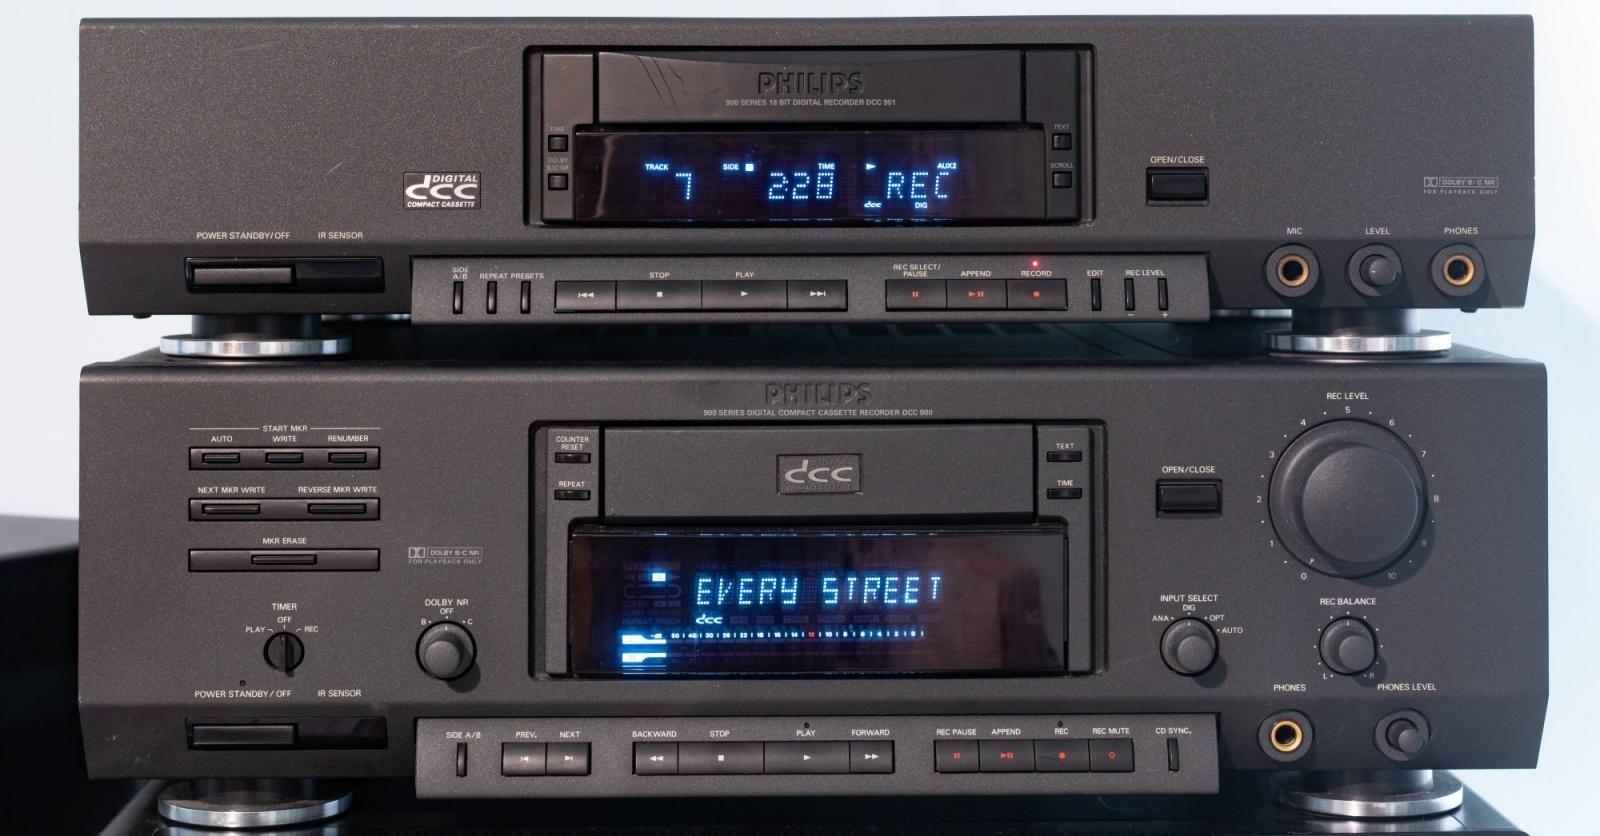 Древности: цифровая кассета как аудиофильский формат - 3